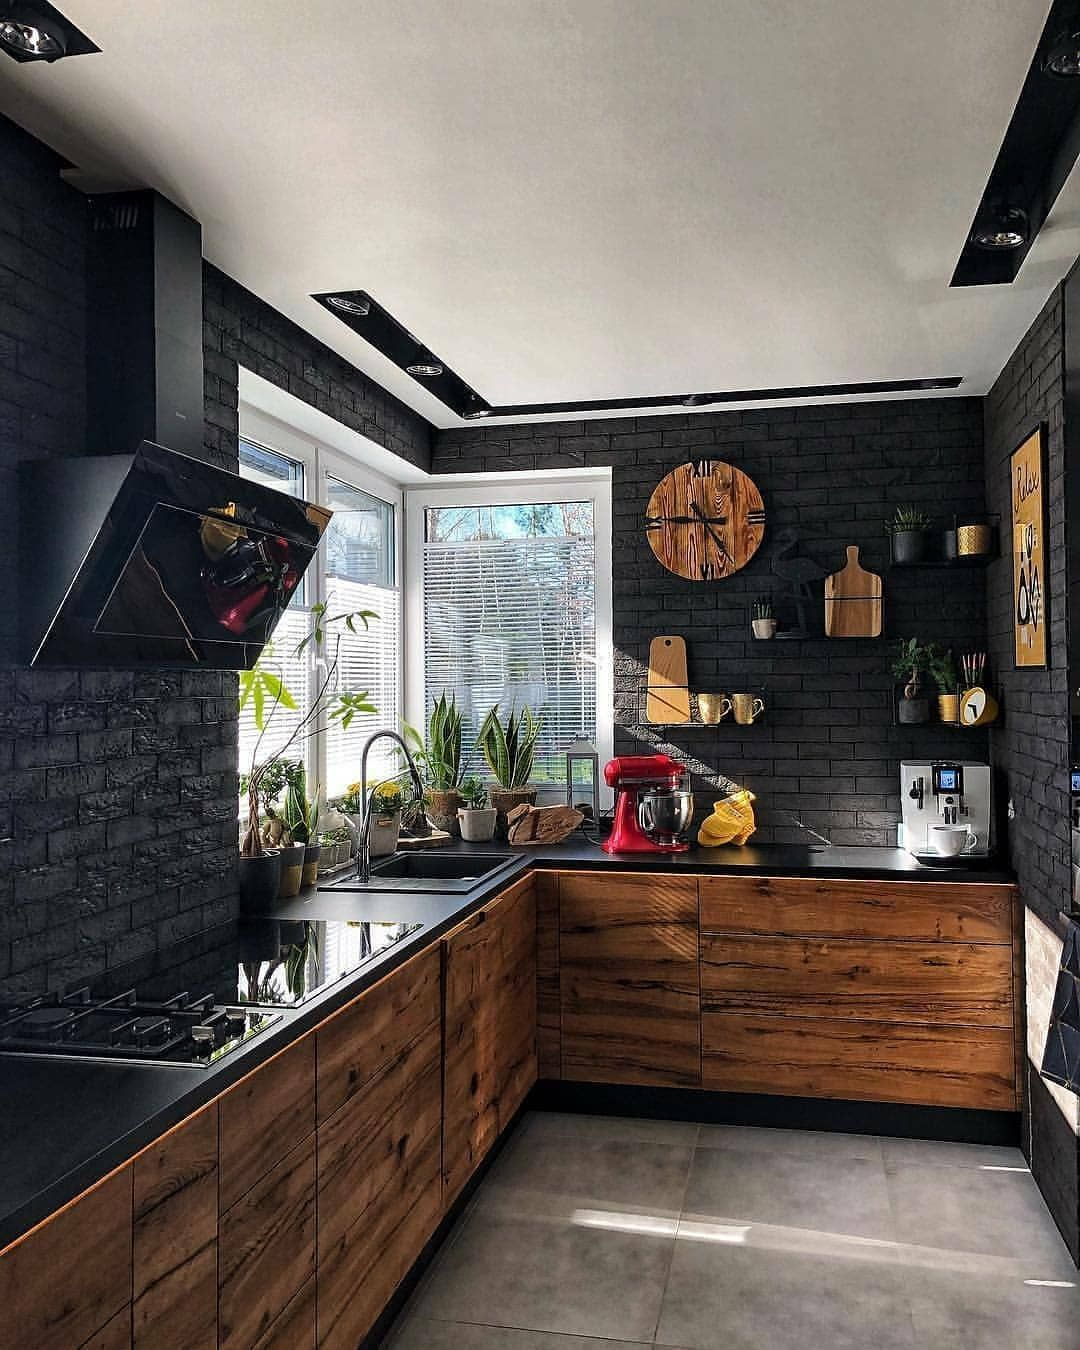 No Title In 2021 Interior Design Kitchen Modern Kitchen Design Home Decor Kitchen Home design kitchen room